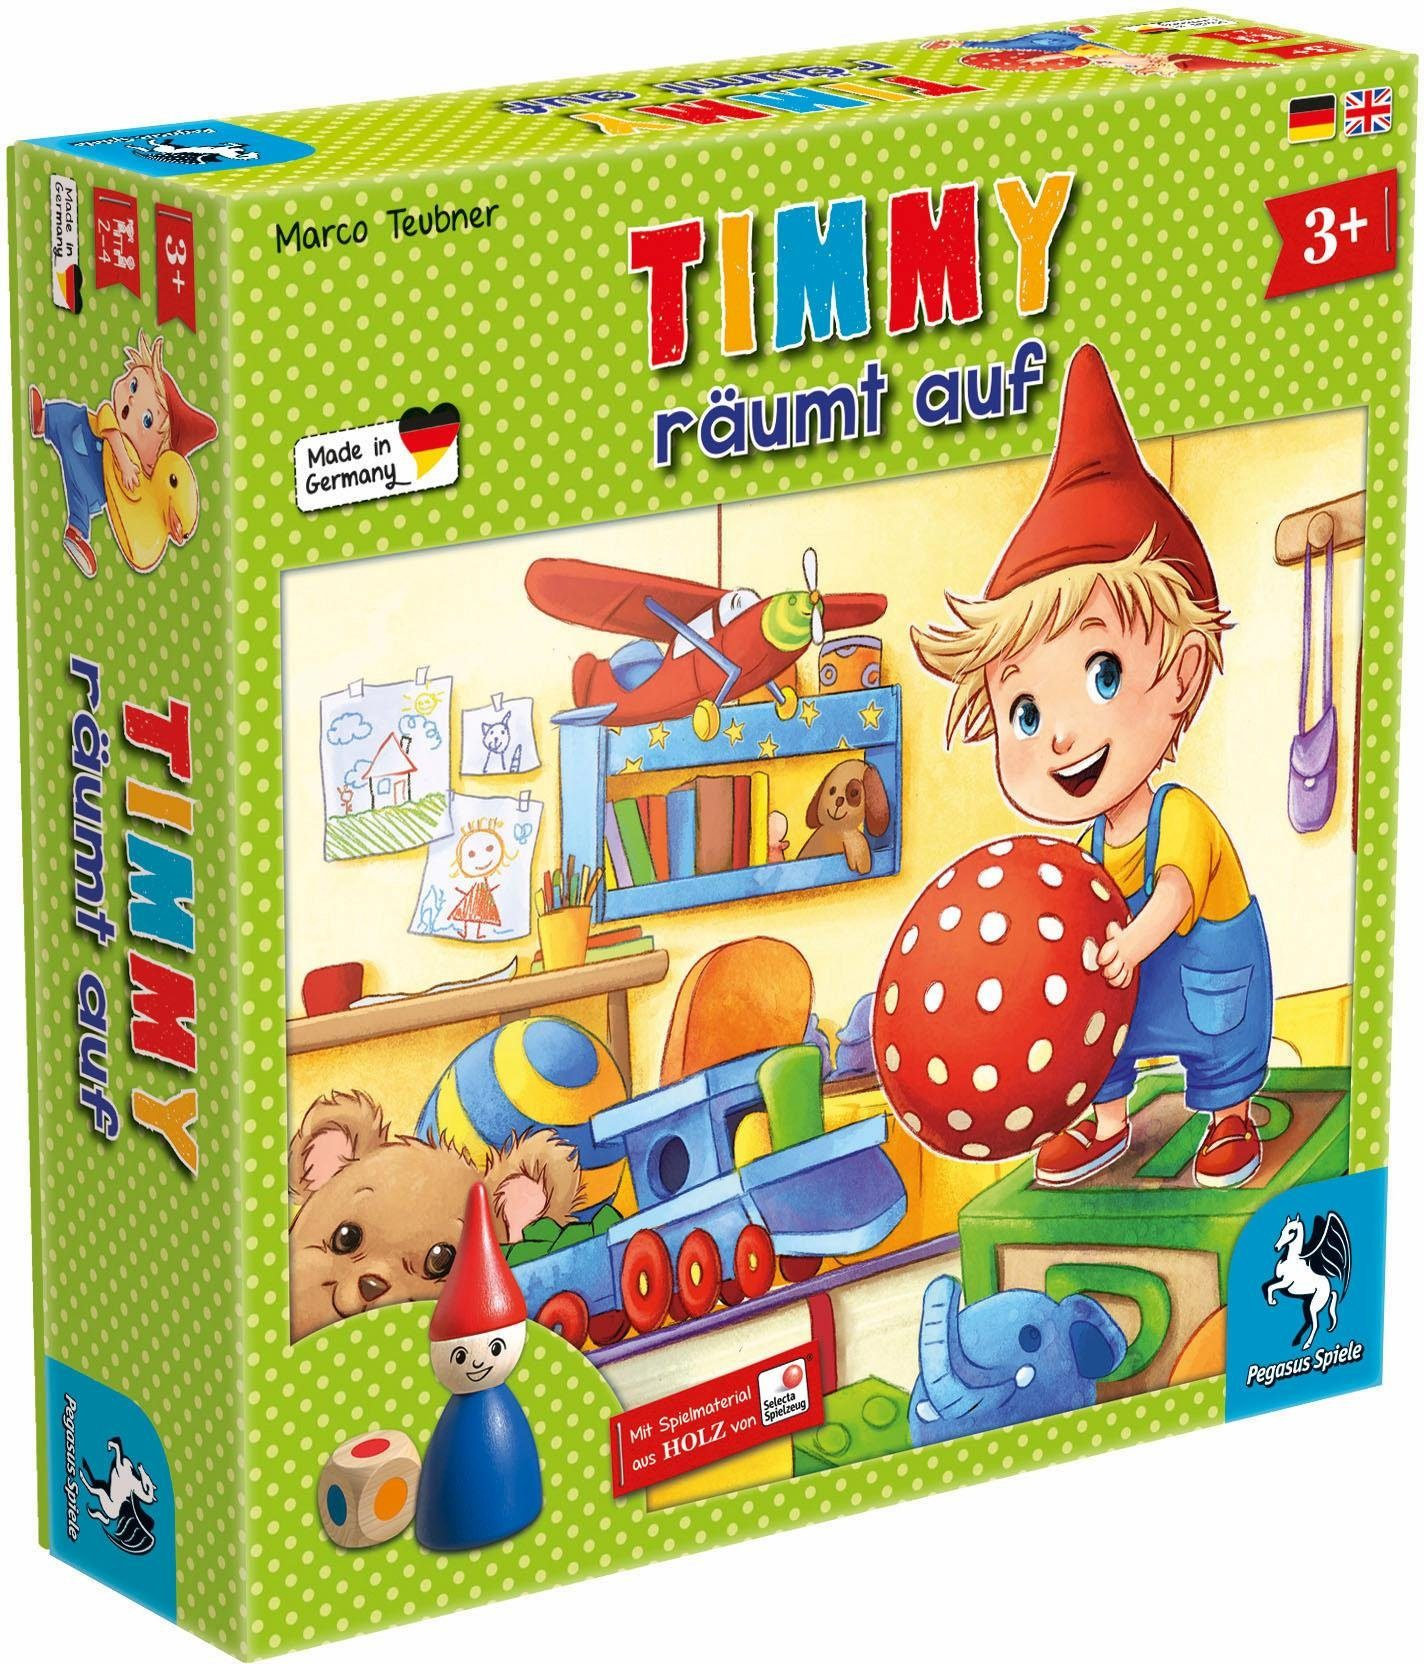 Pegasus Spiele Kinderspiel, »Timmy räumt auf«